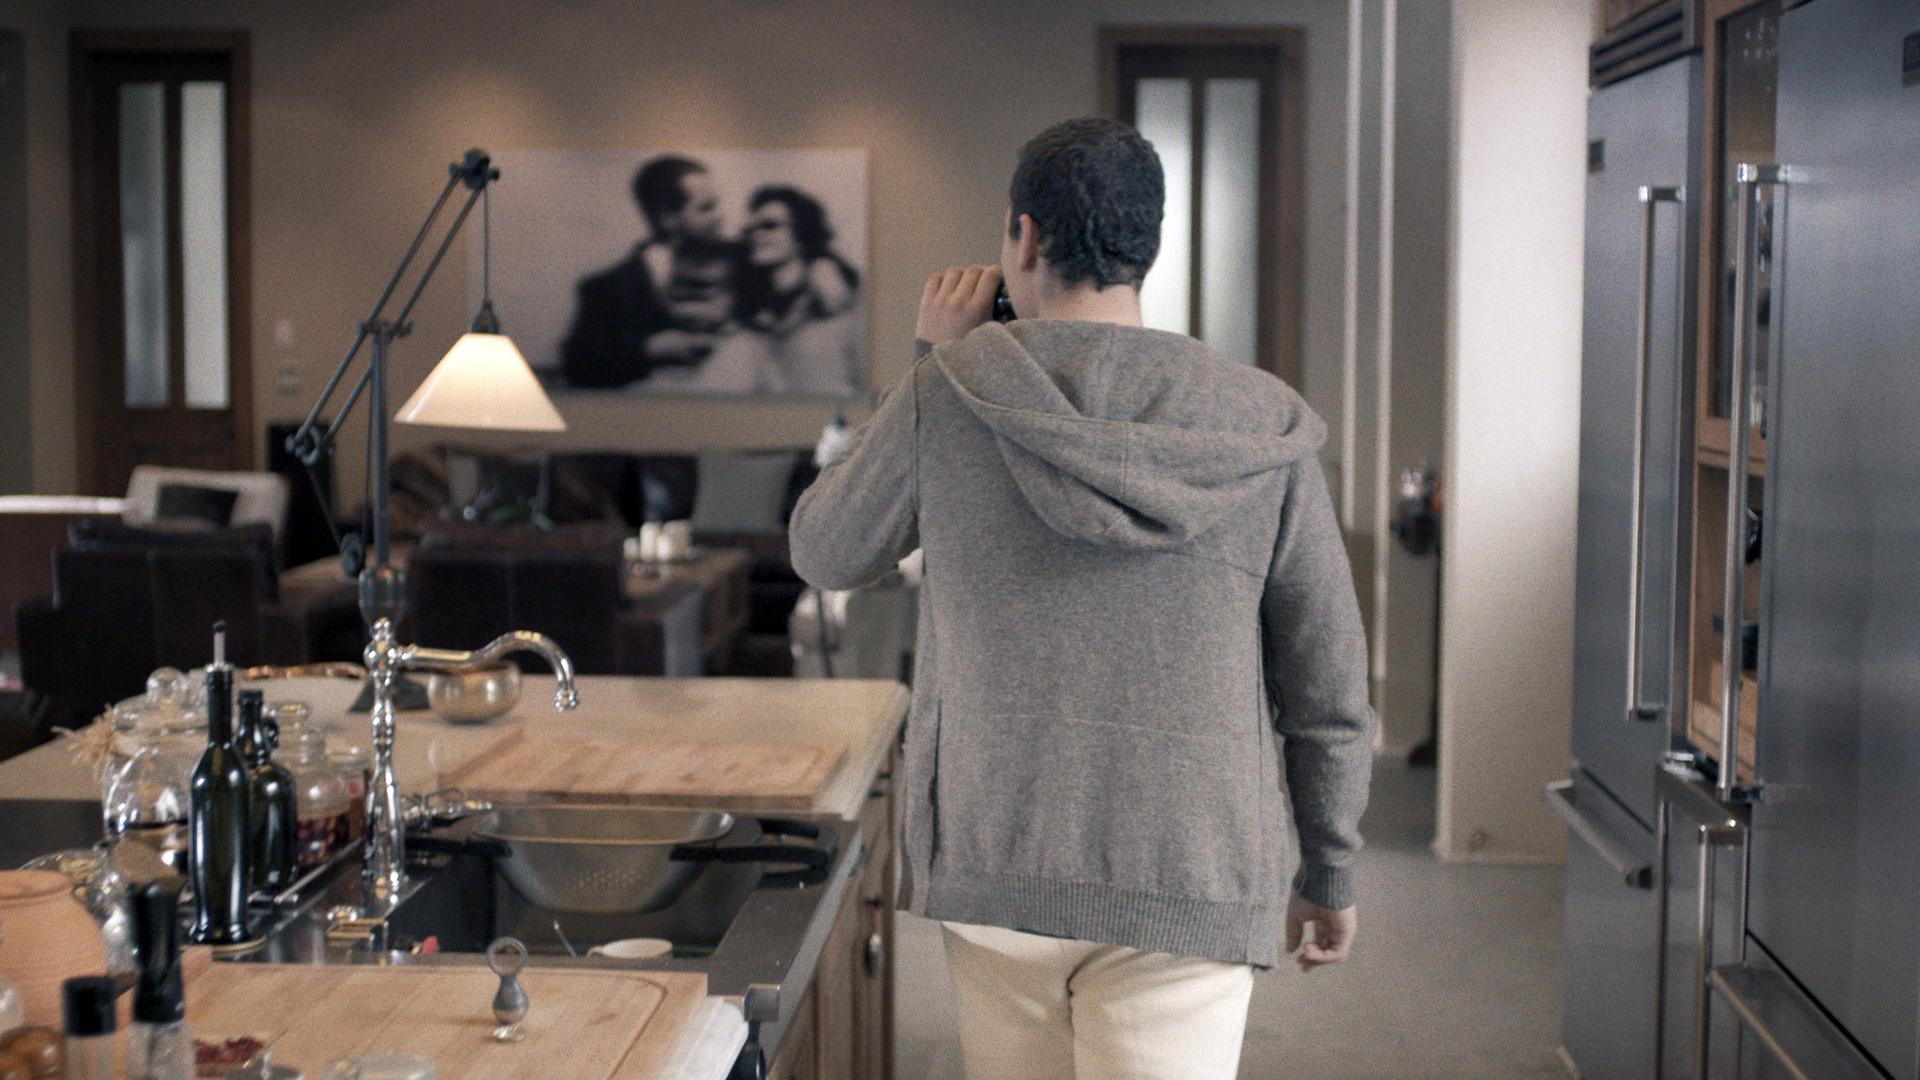 Assaf Gruber Stawanie sięobywatelem, kadr zfilmu, 2015